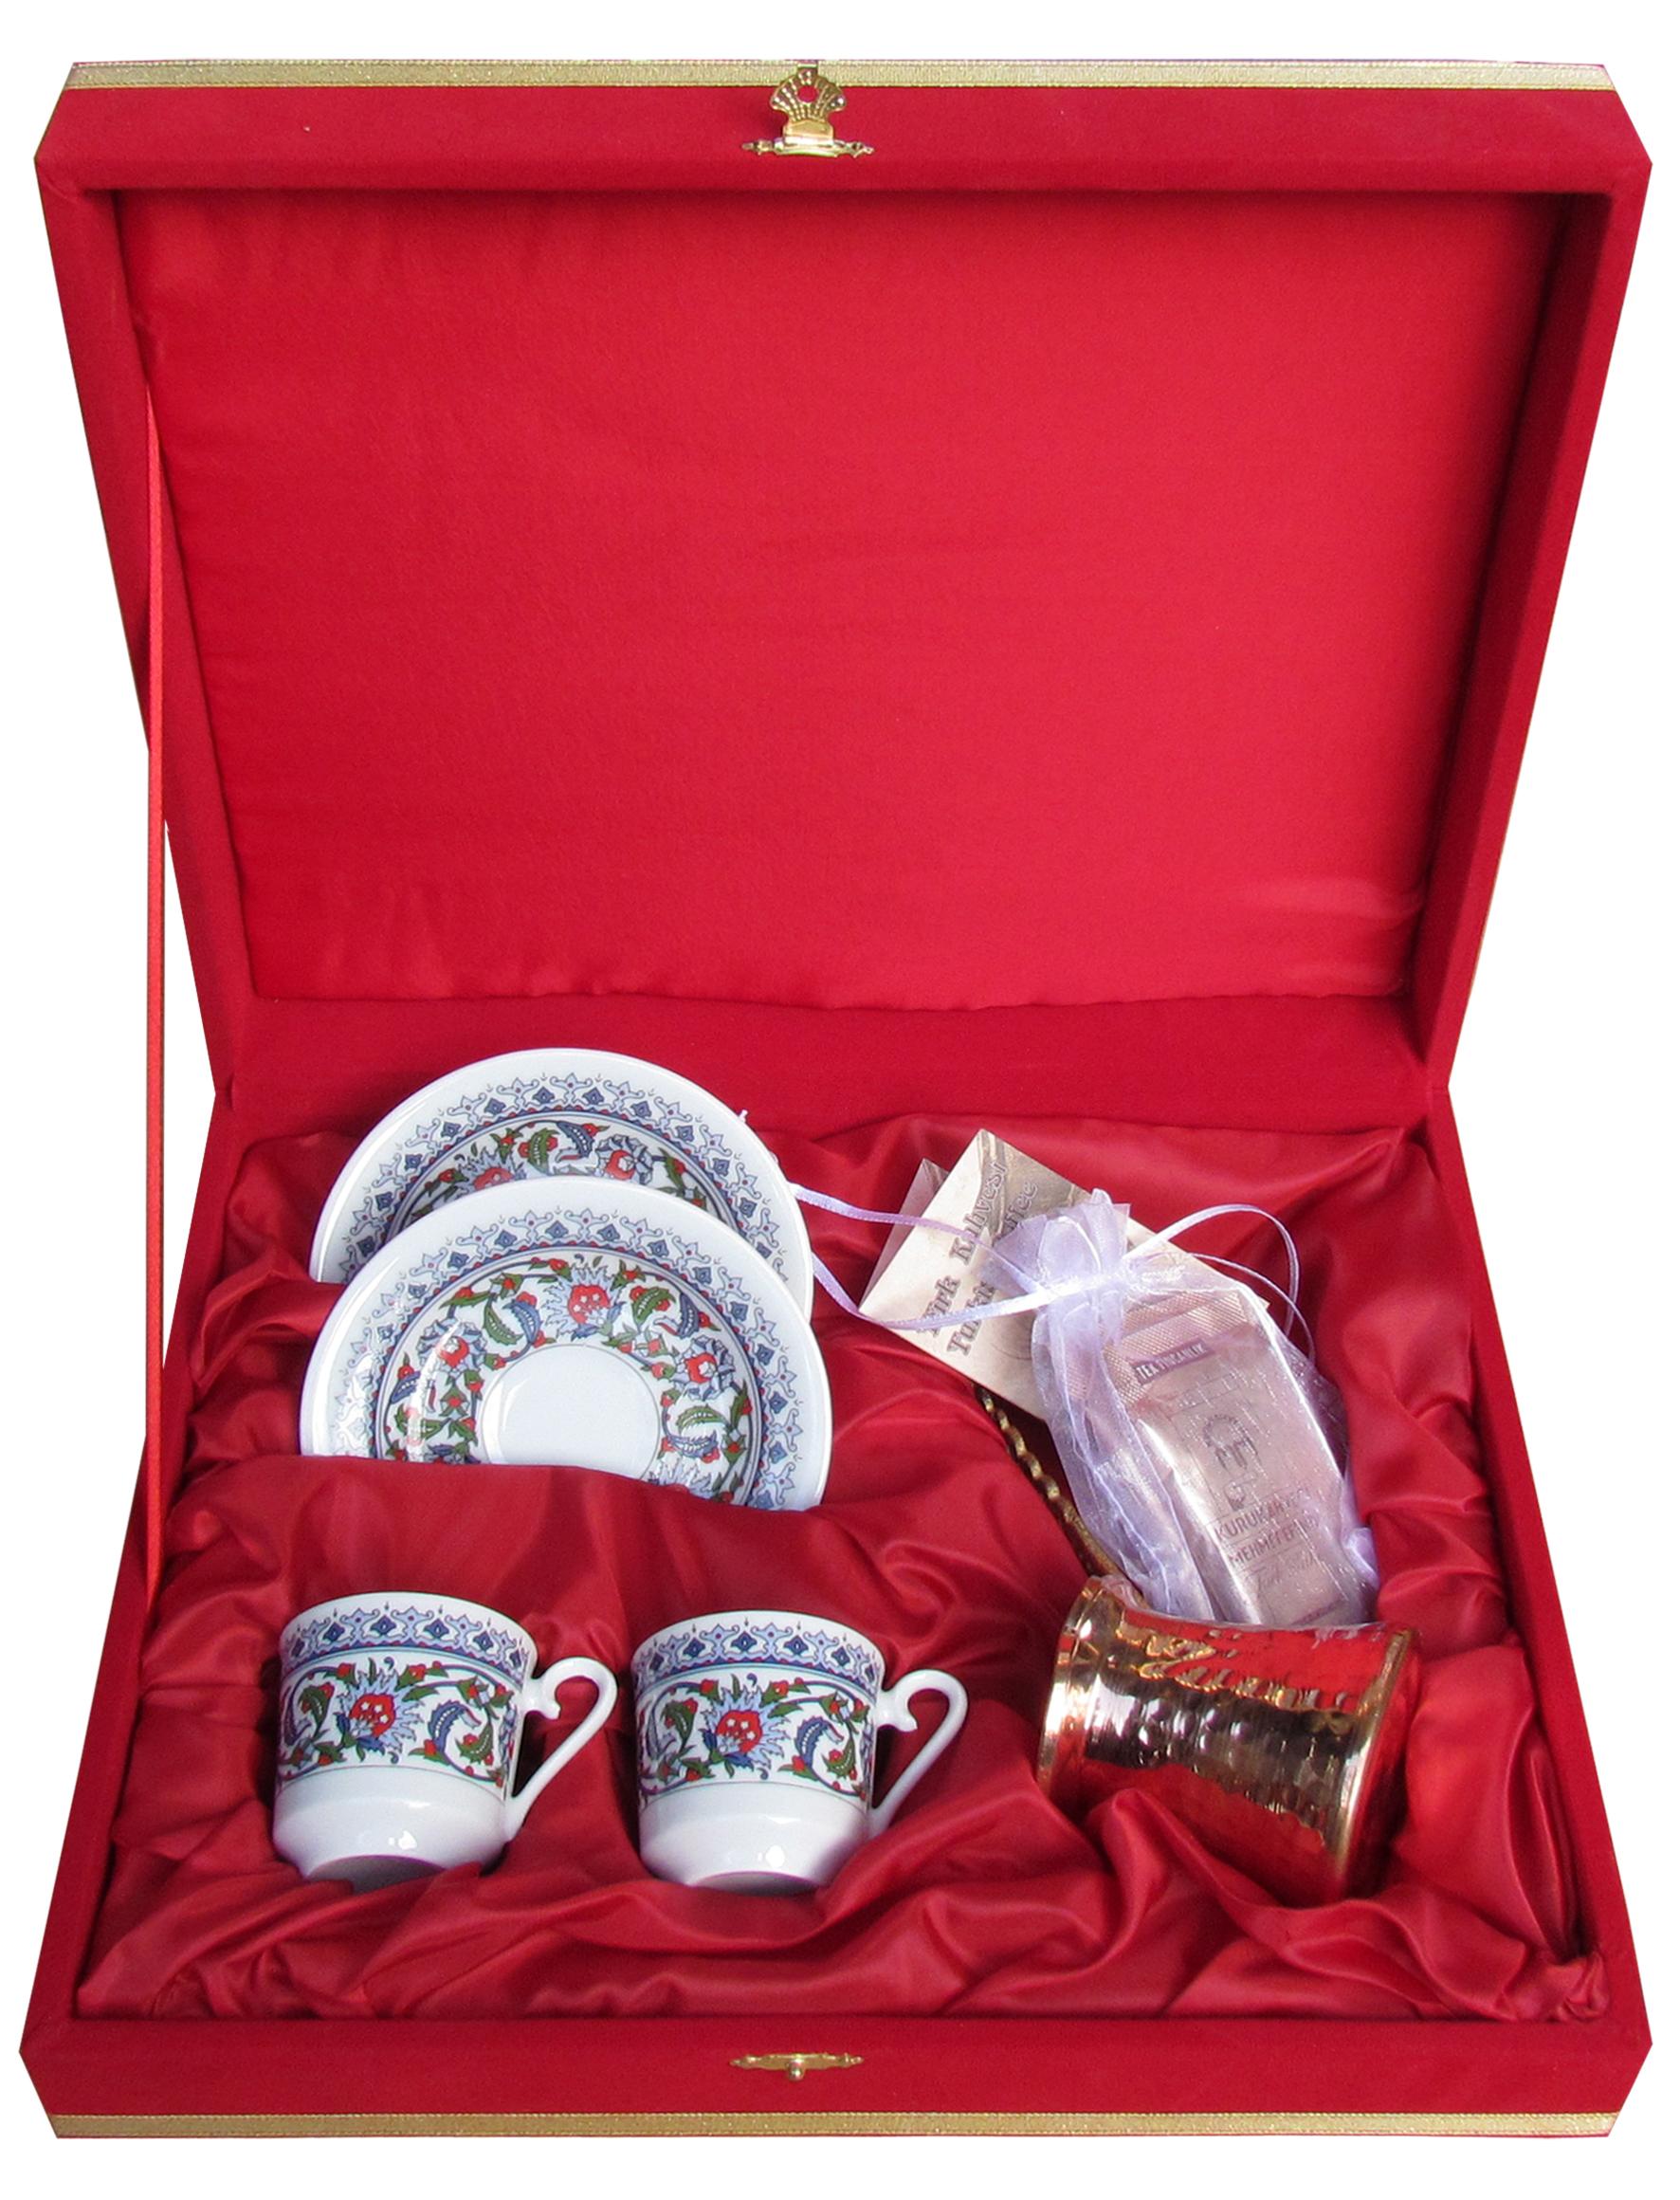 Kırmızı Kadife Kutuda Kütahya Porselen Bakır Cezveli Kahveli İkili Fincan Setleri Türkiye hatırası istanbul anısı otantik hediyeler